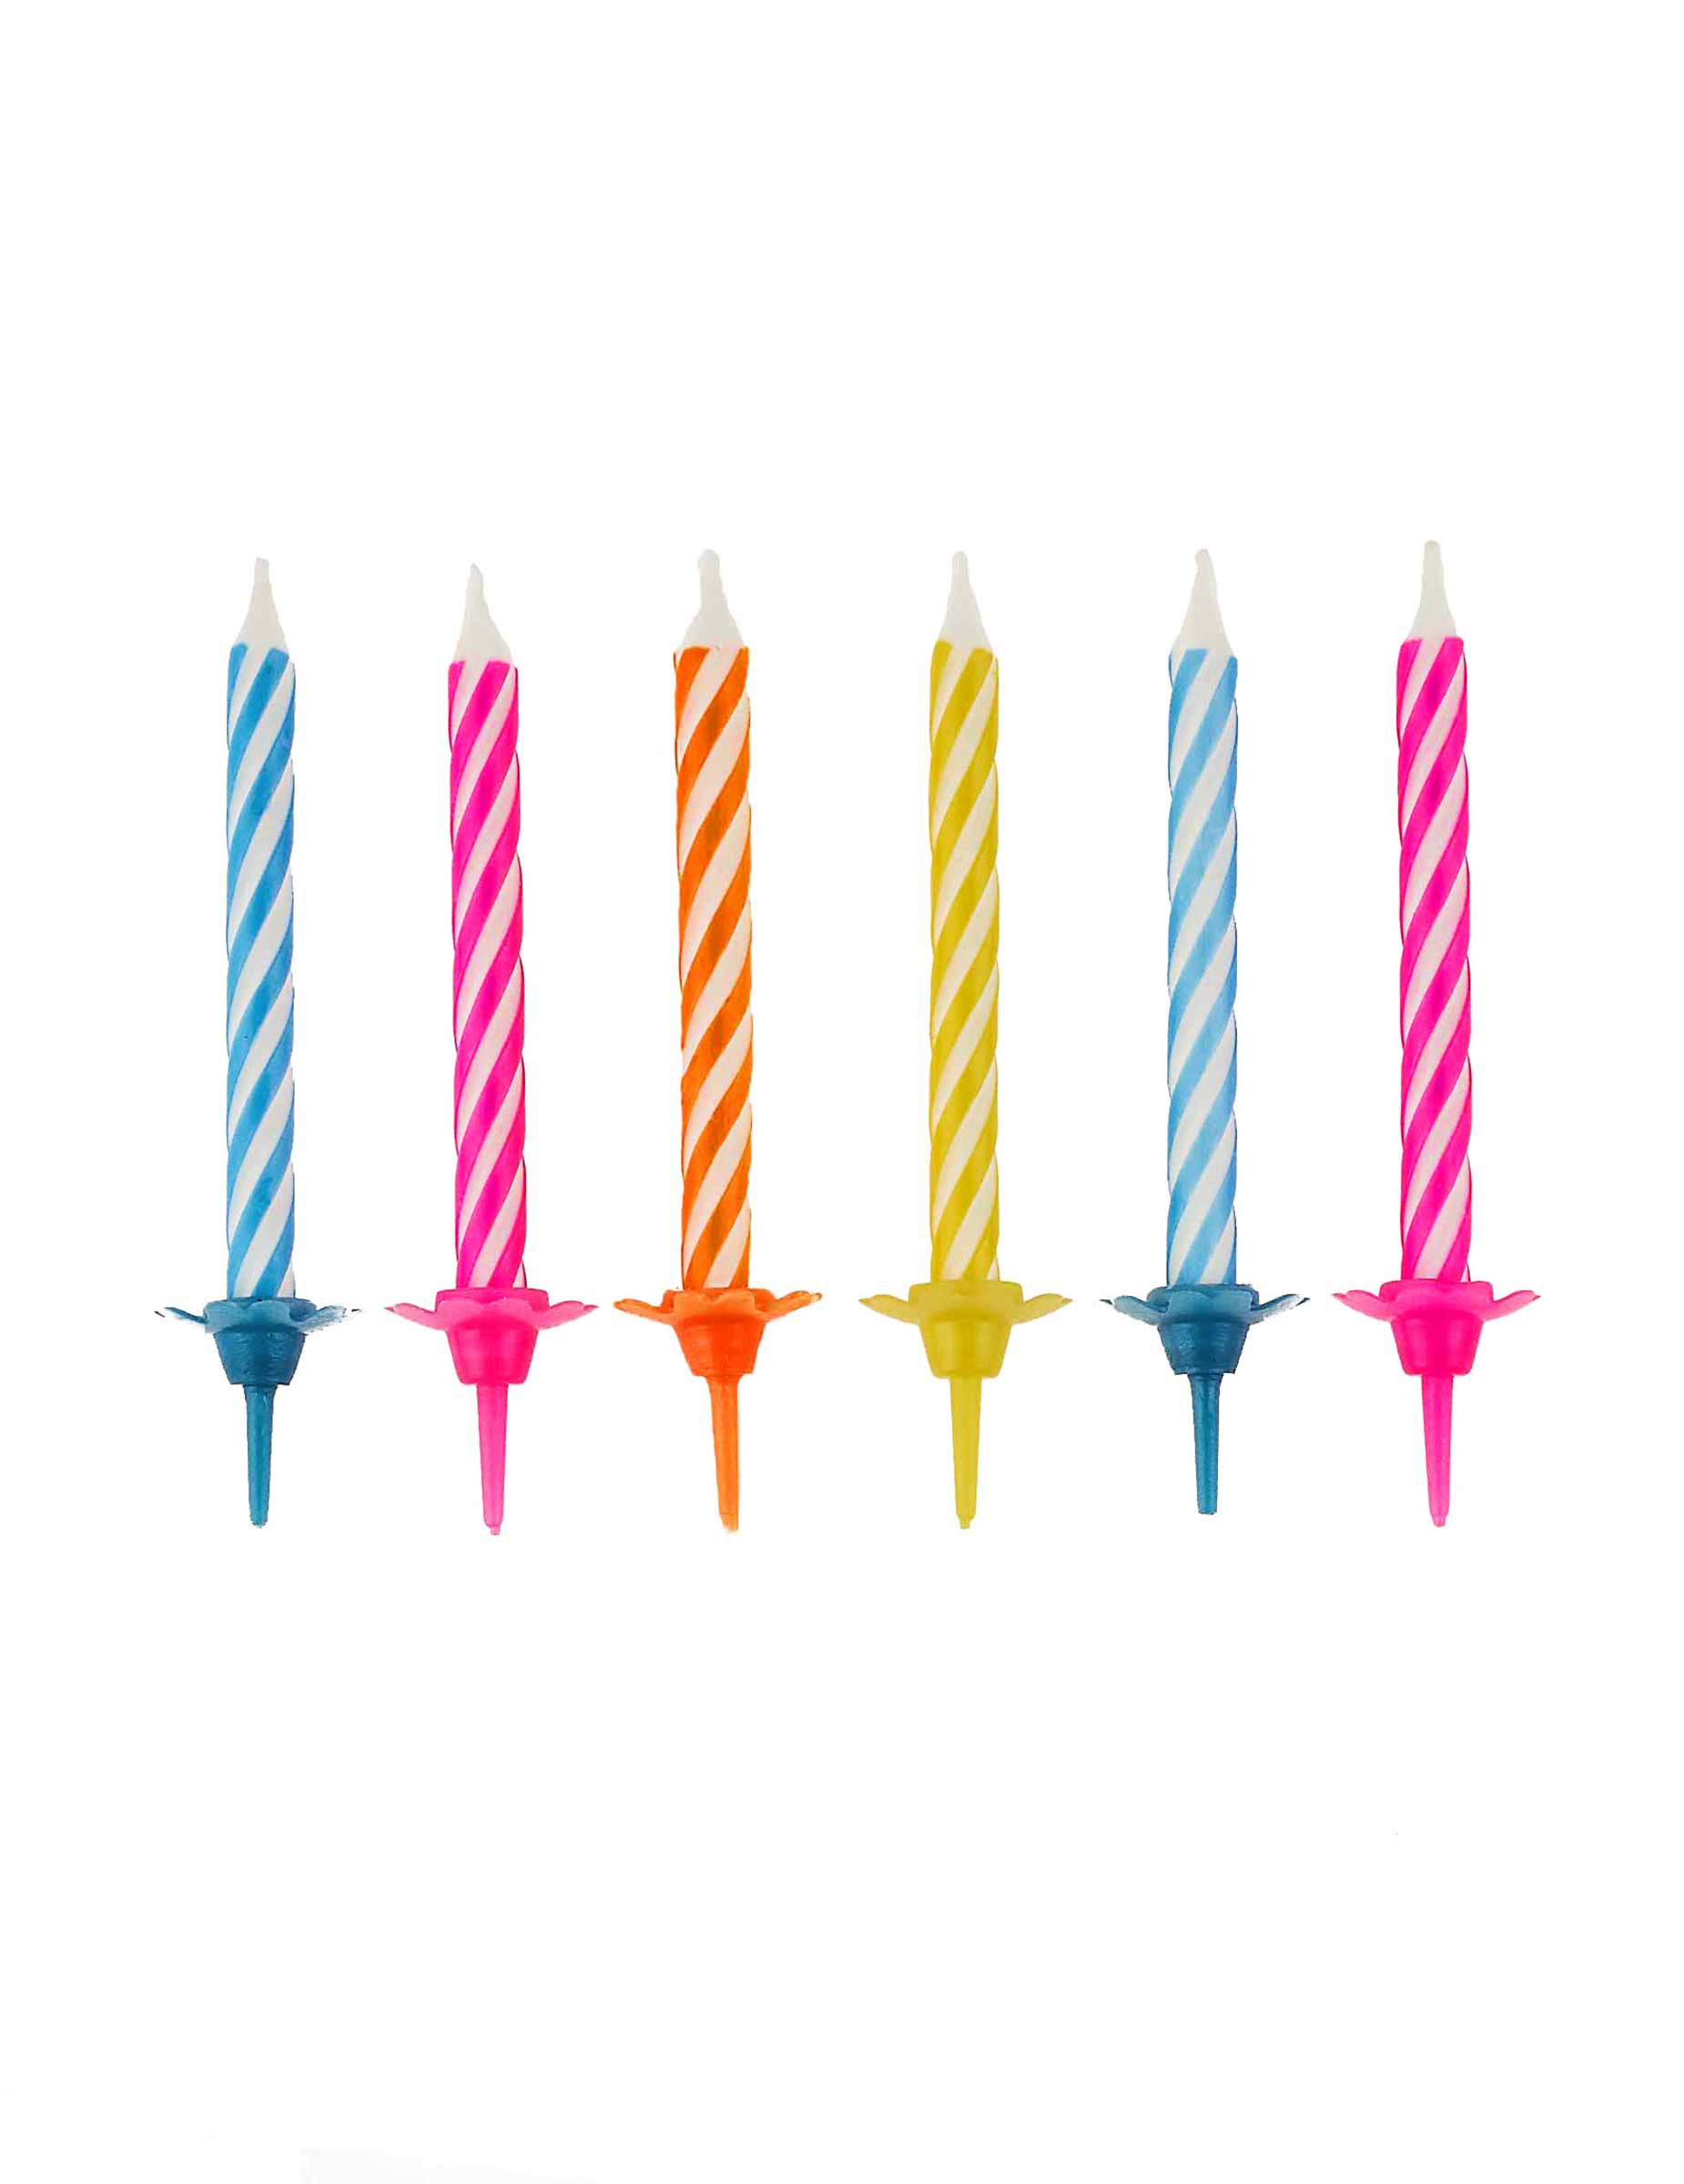 10 velas cumplea os multicolores con soporte decoraci n y disfraces originales baratos vegaoo - Soportes para velas ...